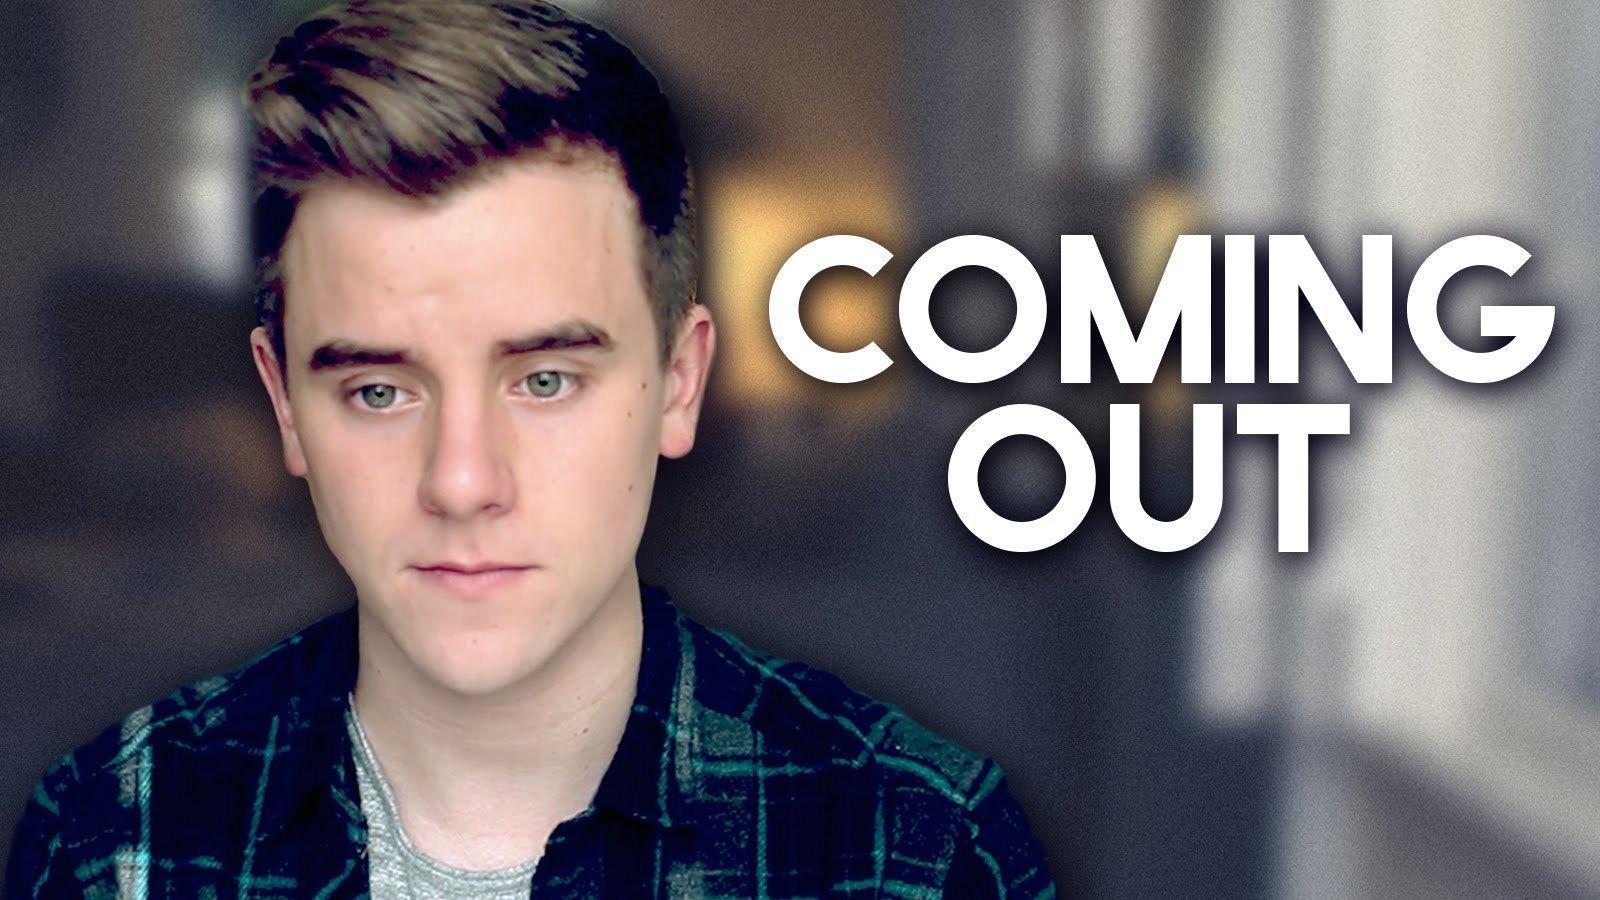 Connor Franta va explicar així als seus seguidors que és gay